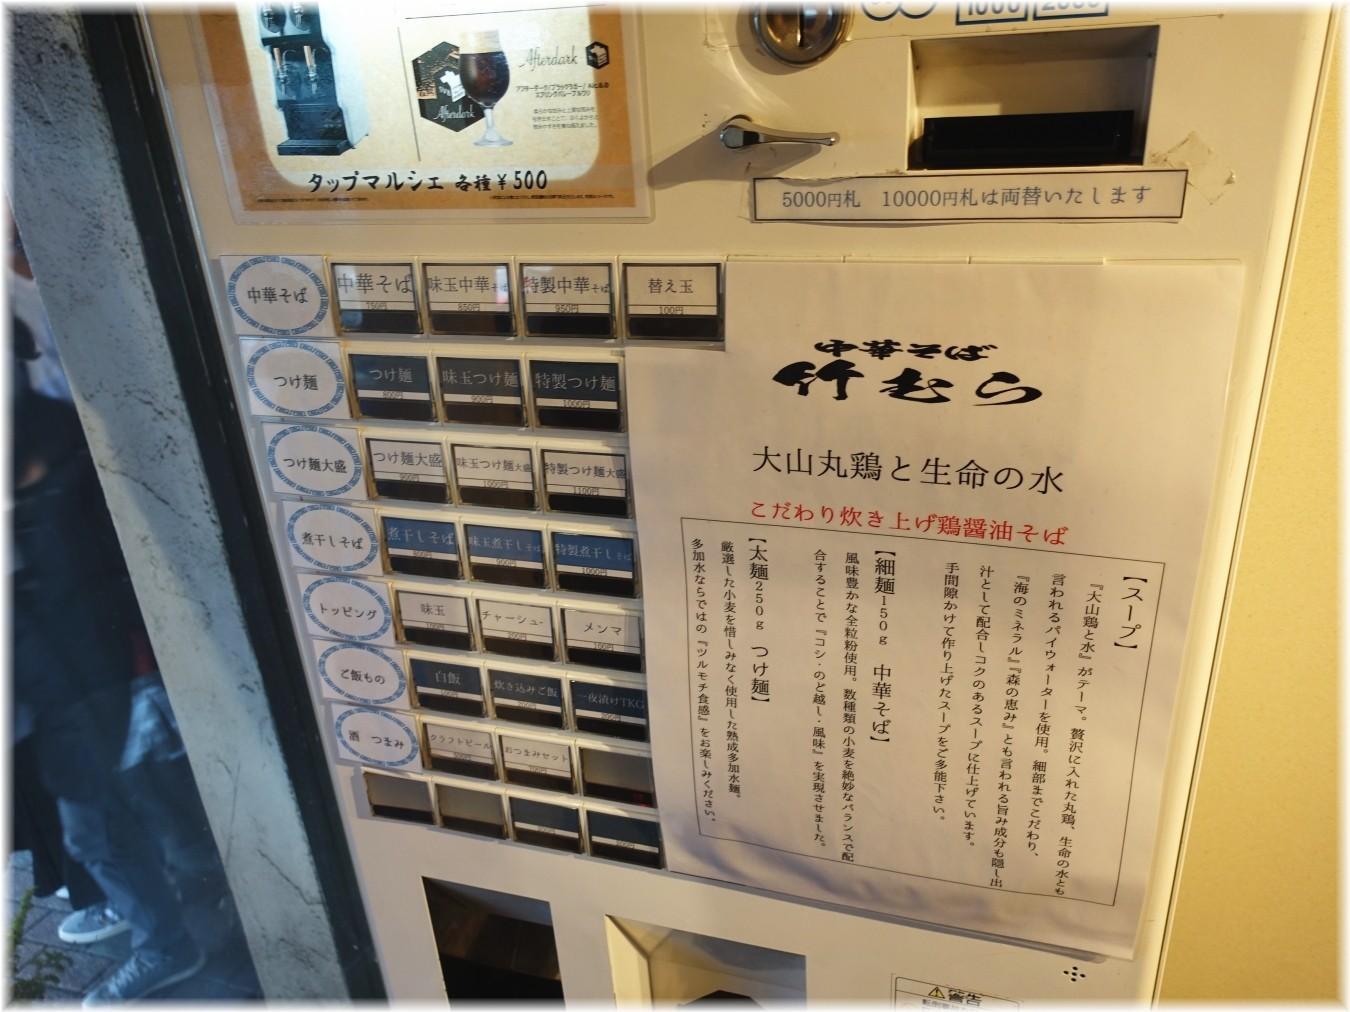 中華そば竹むら 食券機